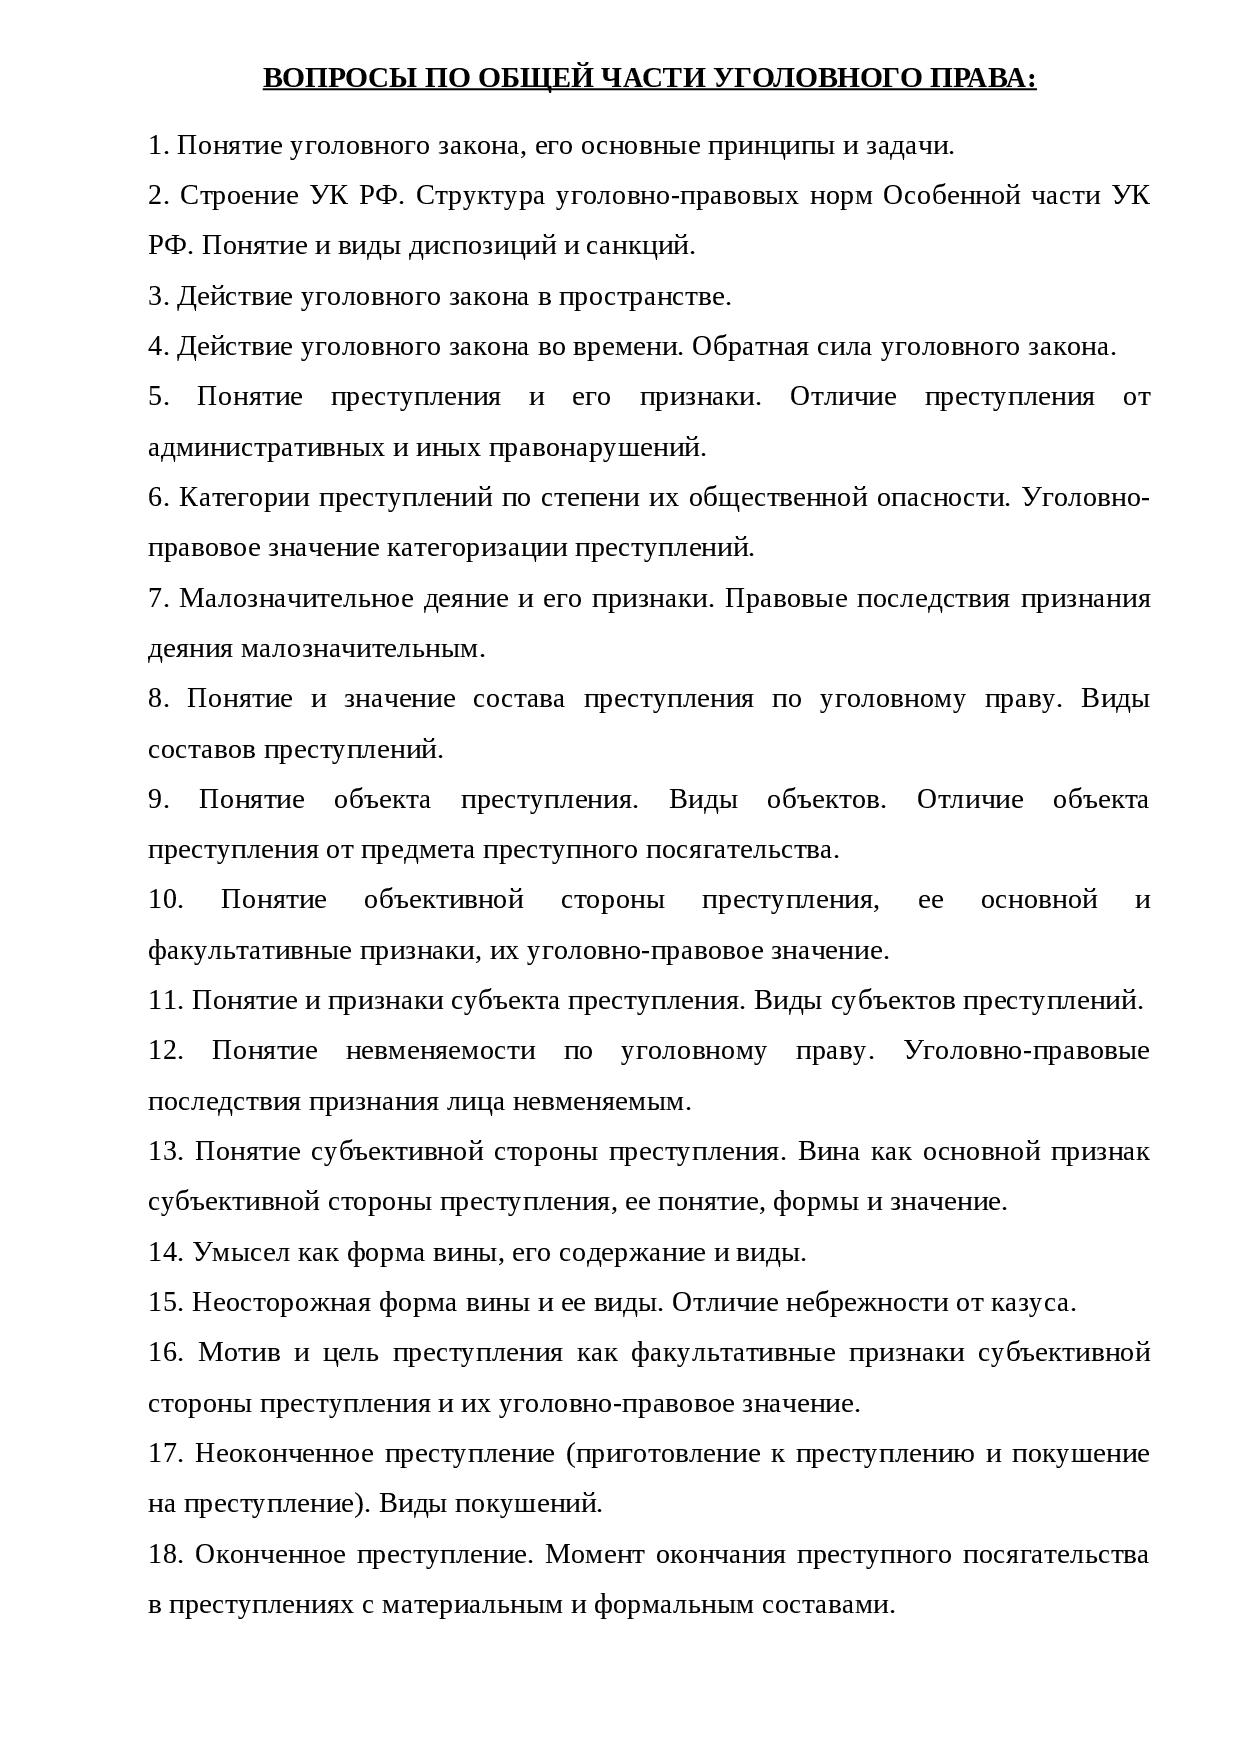 Понятие и значение объекта преступления. виды объектов преступления - уголовное право (общая часть) | юрком 74